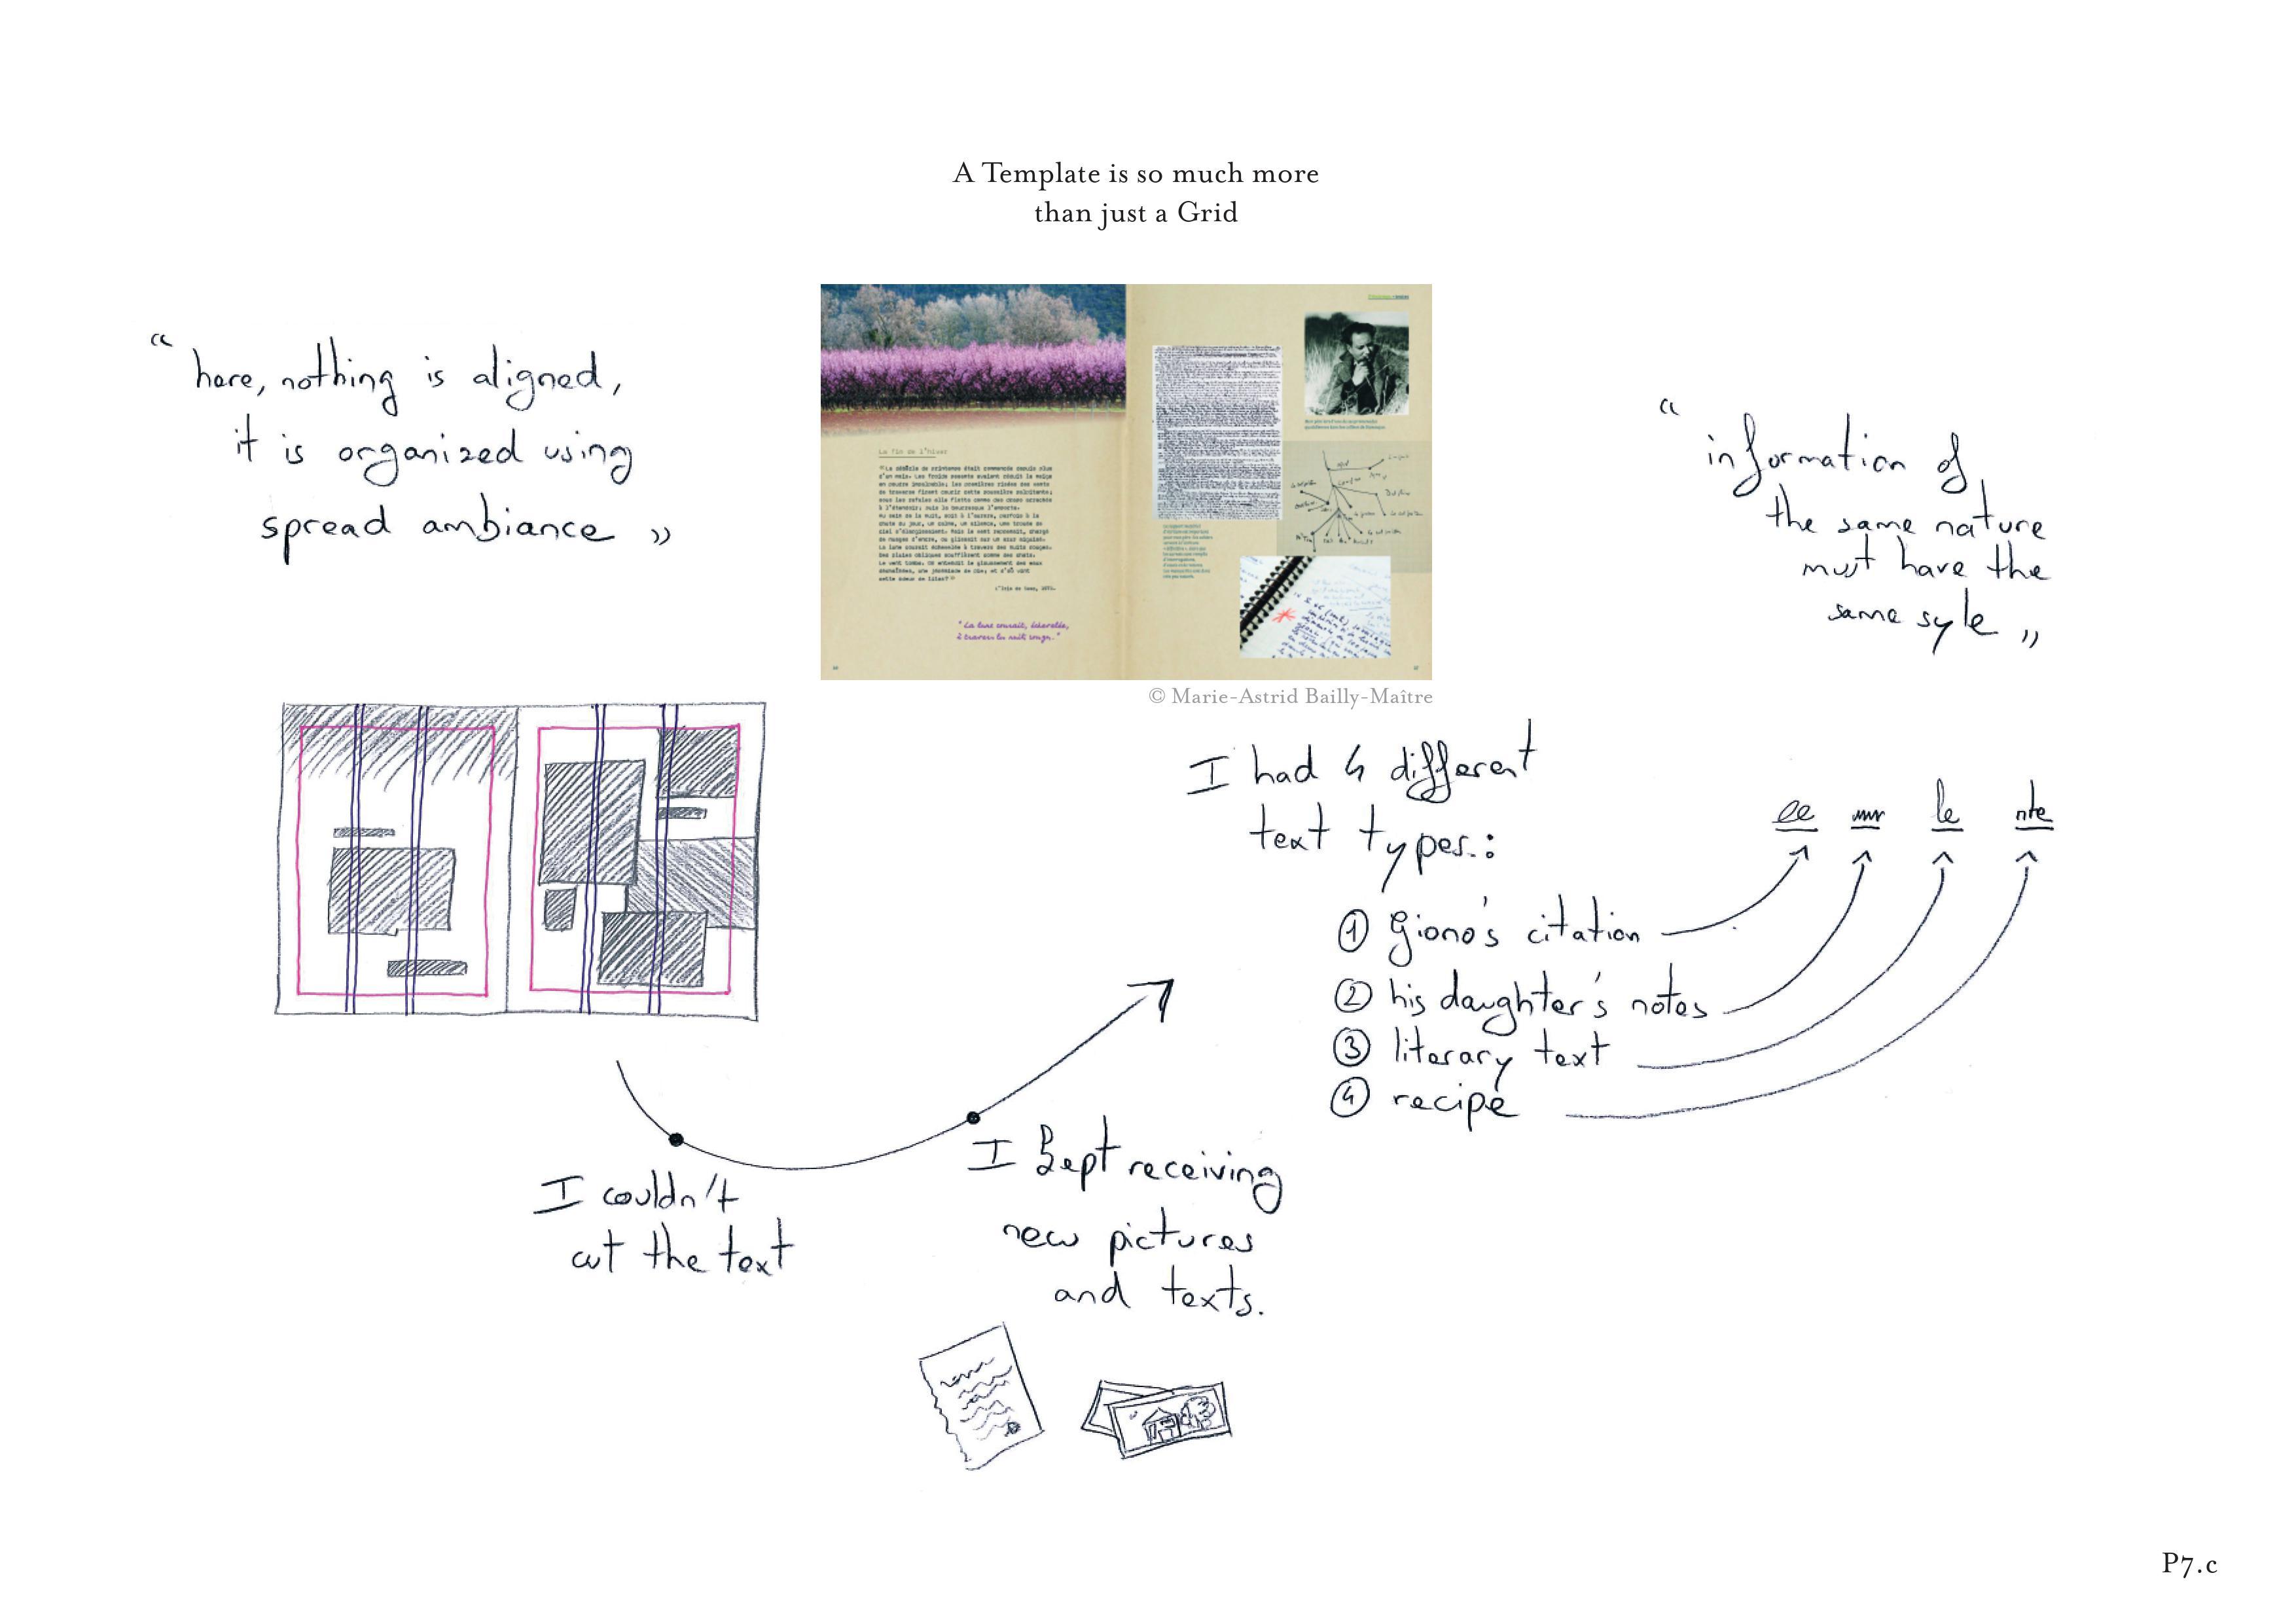 Ausgezeichnet Qualitätsprüfungsplanvorlage Fotos - Beispiel ...